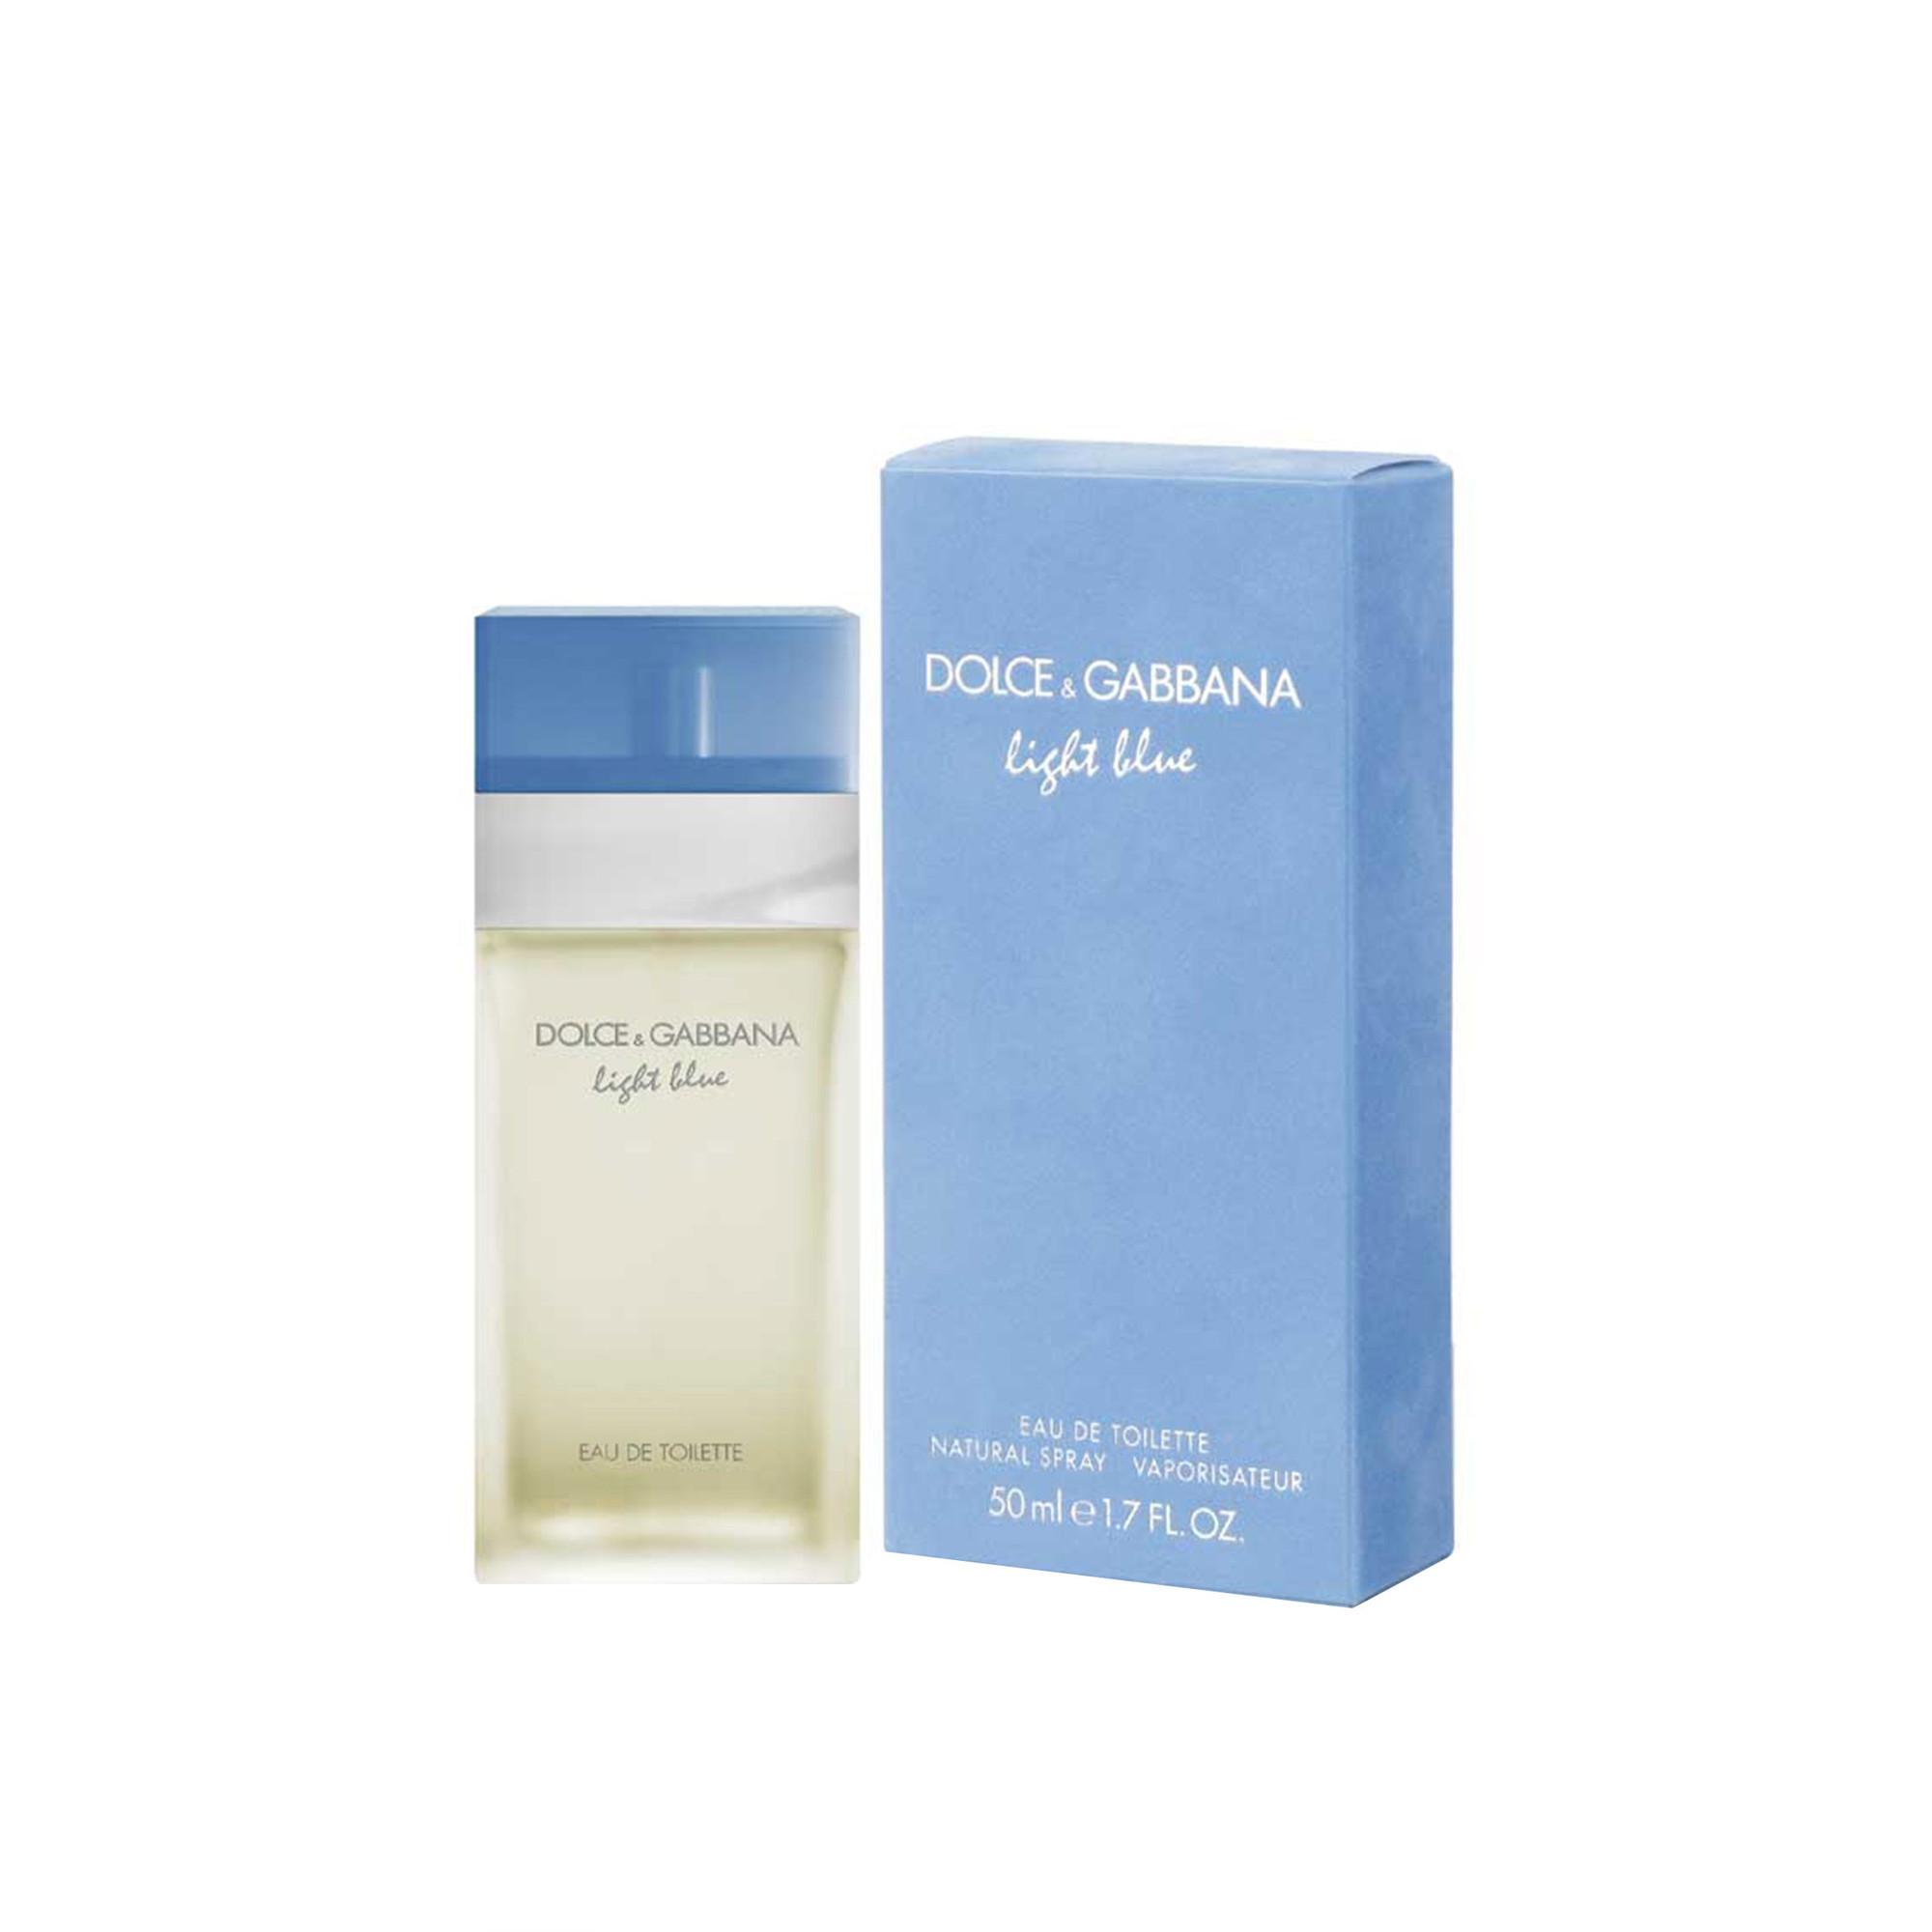 Dolce & Gabbana Light Blue - toaletní voda W Objem: 100 ml